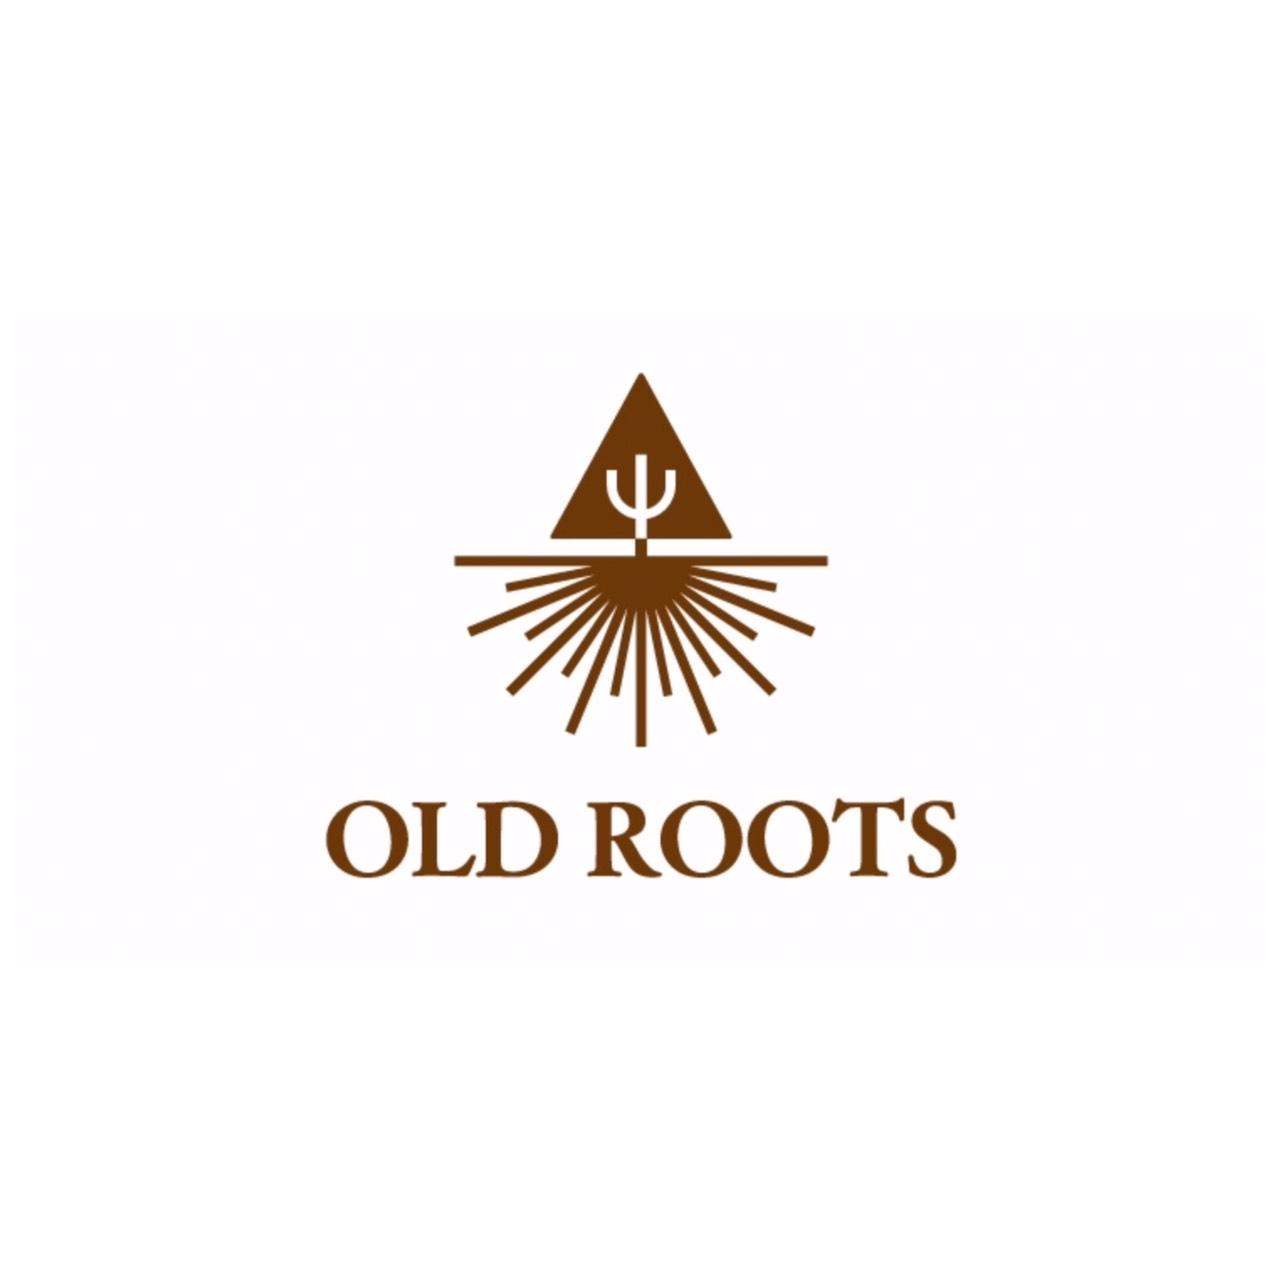 オーディション 映像制作団体がプロデュース 世界に通用する新規ユニット募集 主催:OLD ROOTS、カテゴリ:アイドル(本格派)